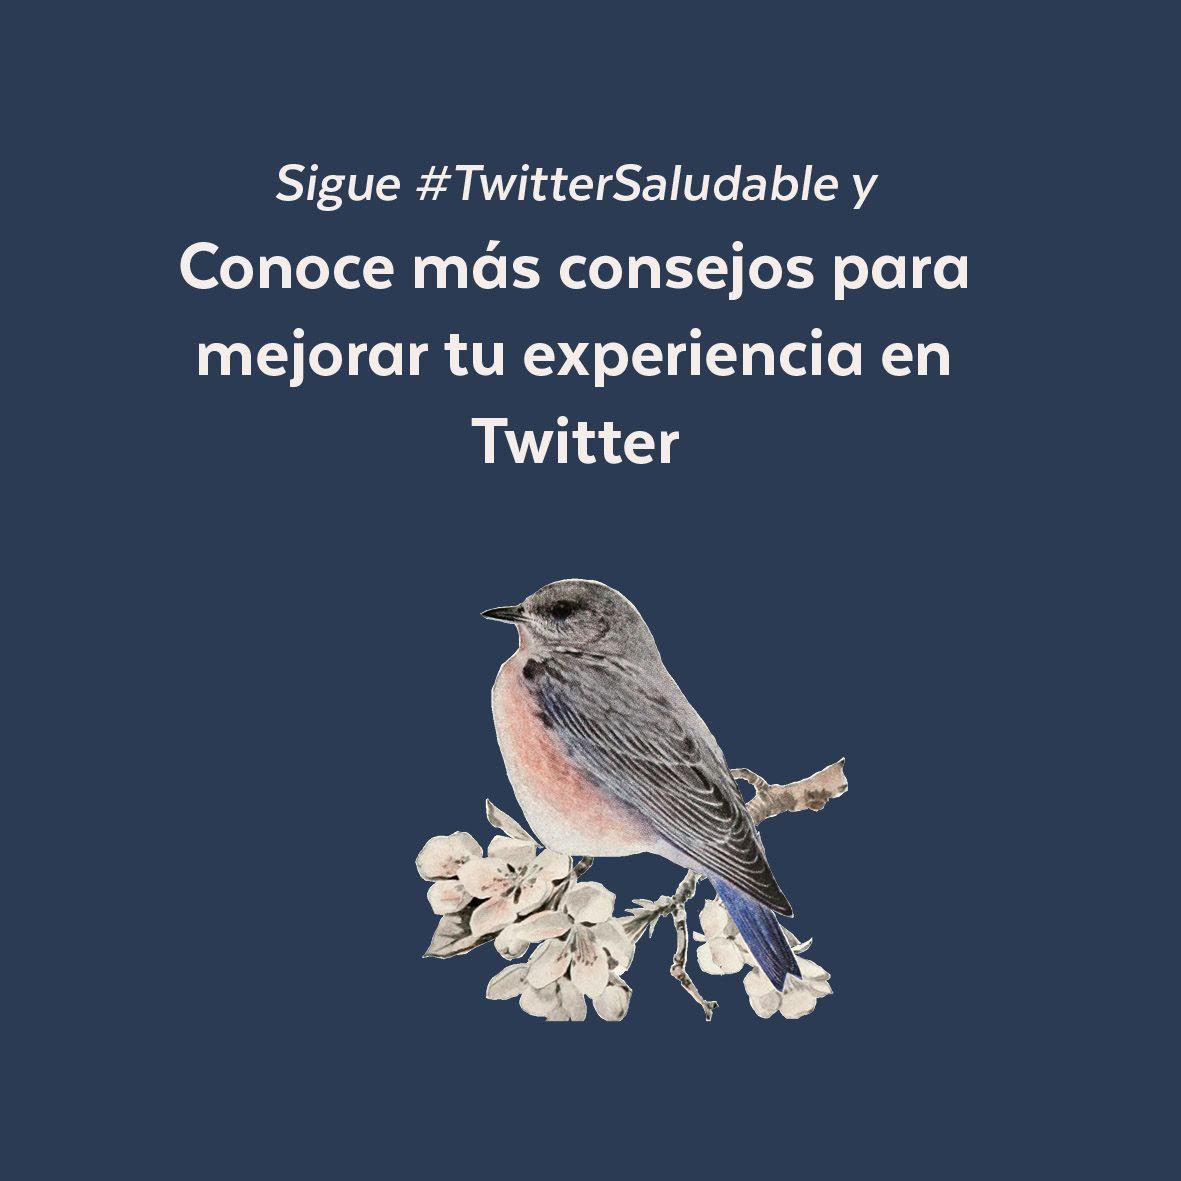 Te invitamos a seguir el HT #TwitterSaludable, para revisar las recomendaciones que hemos preparado para ti  😎